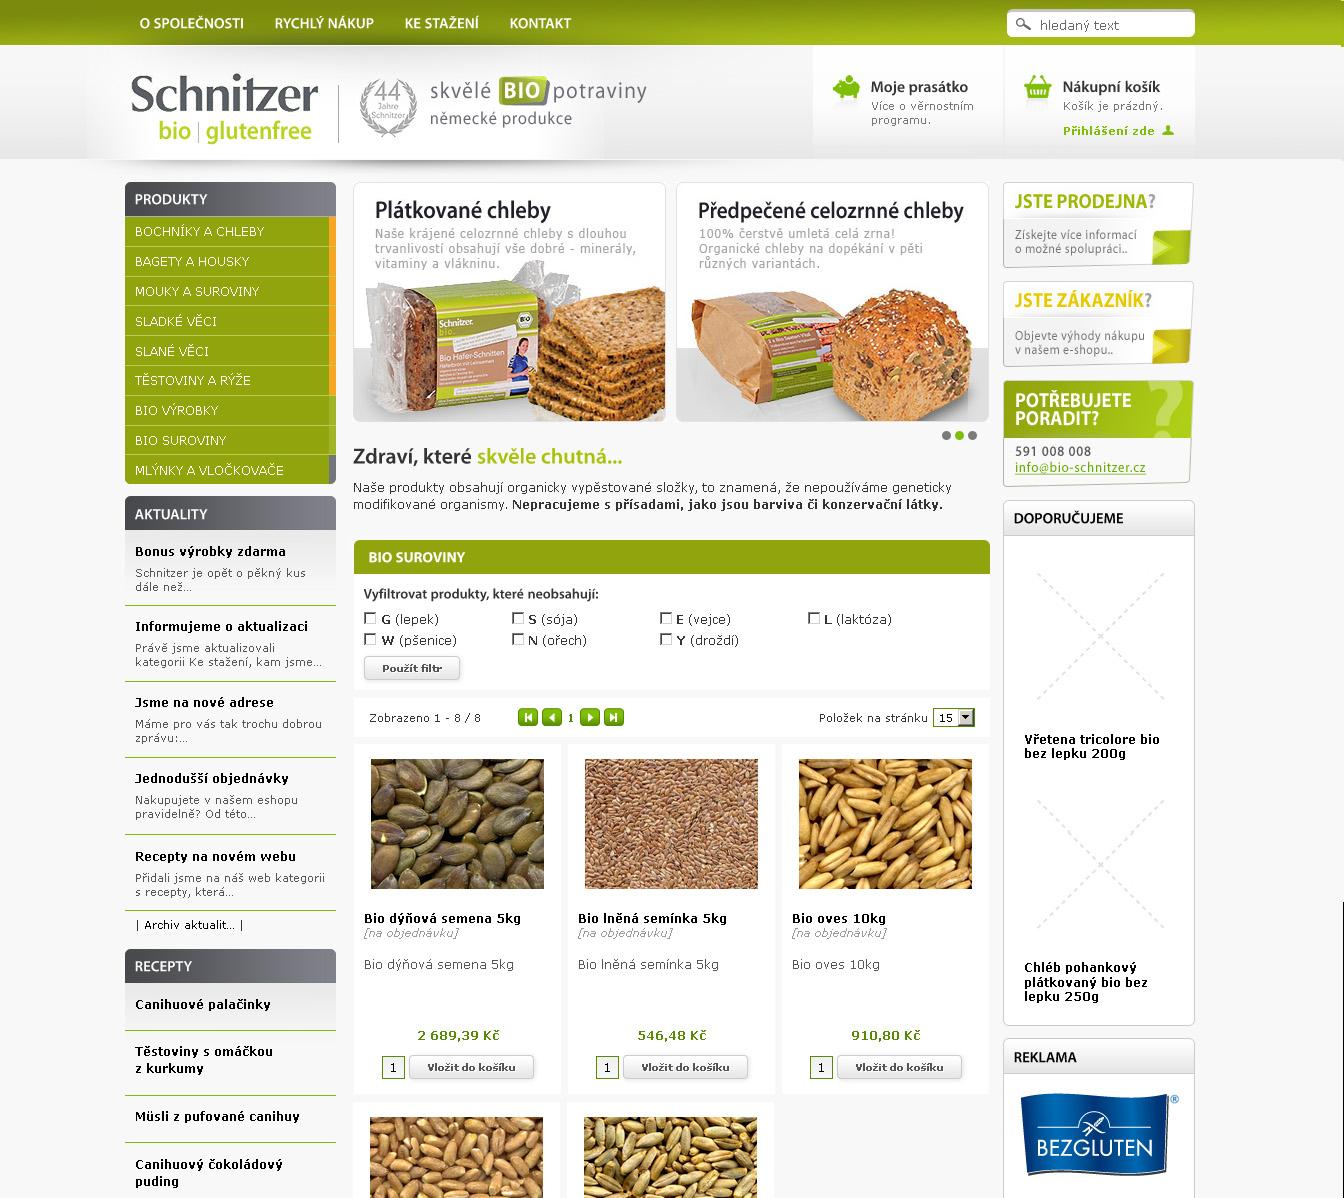 E-shop Bioschnitzer